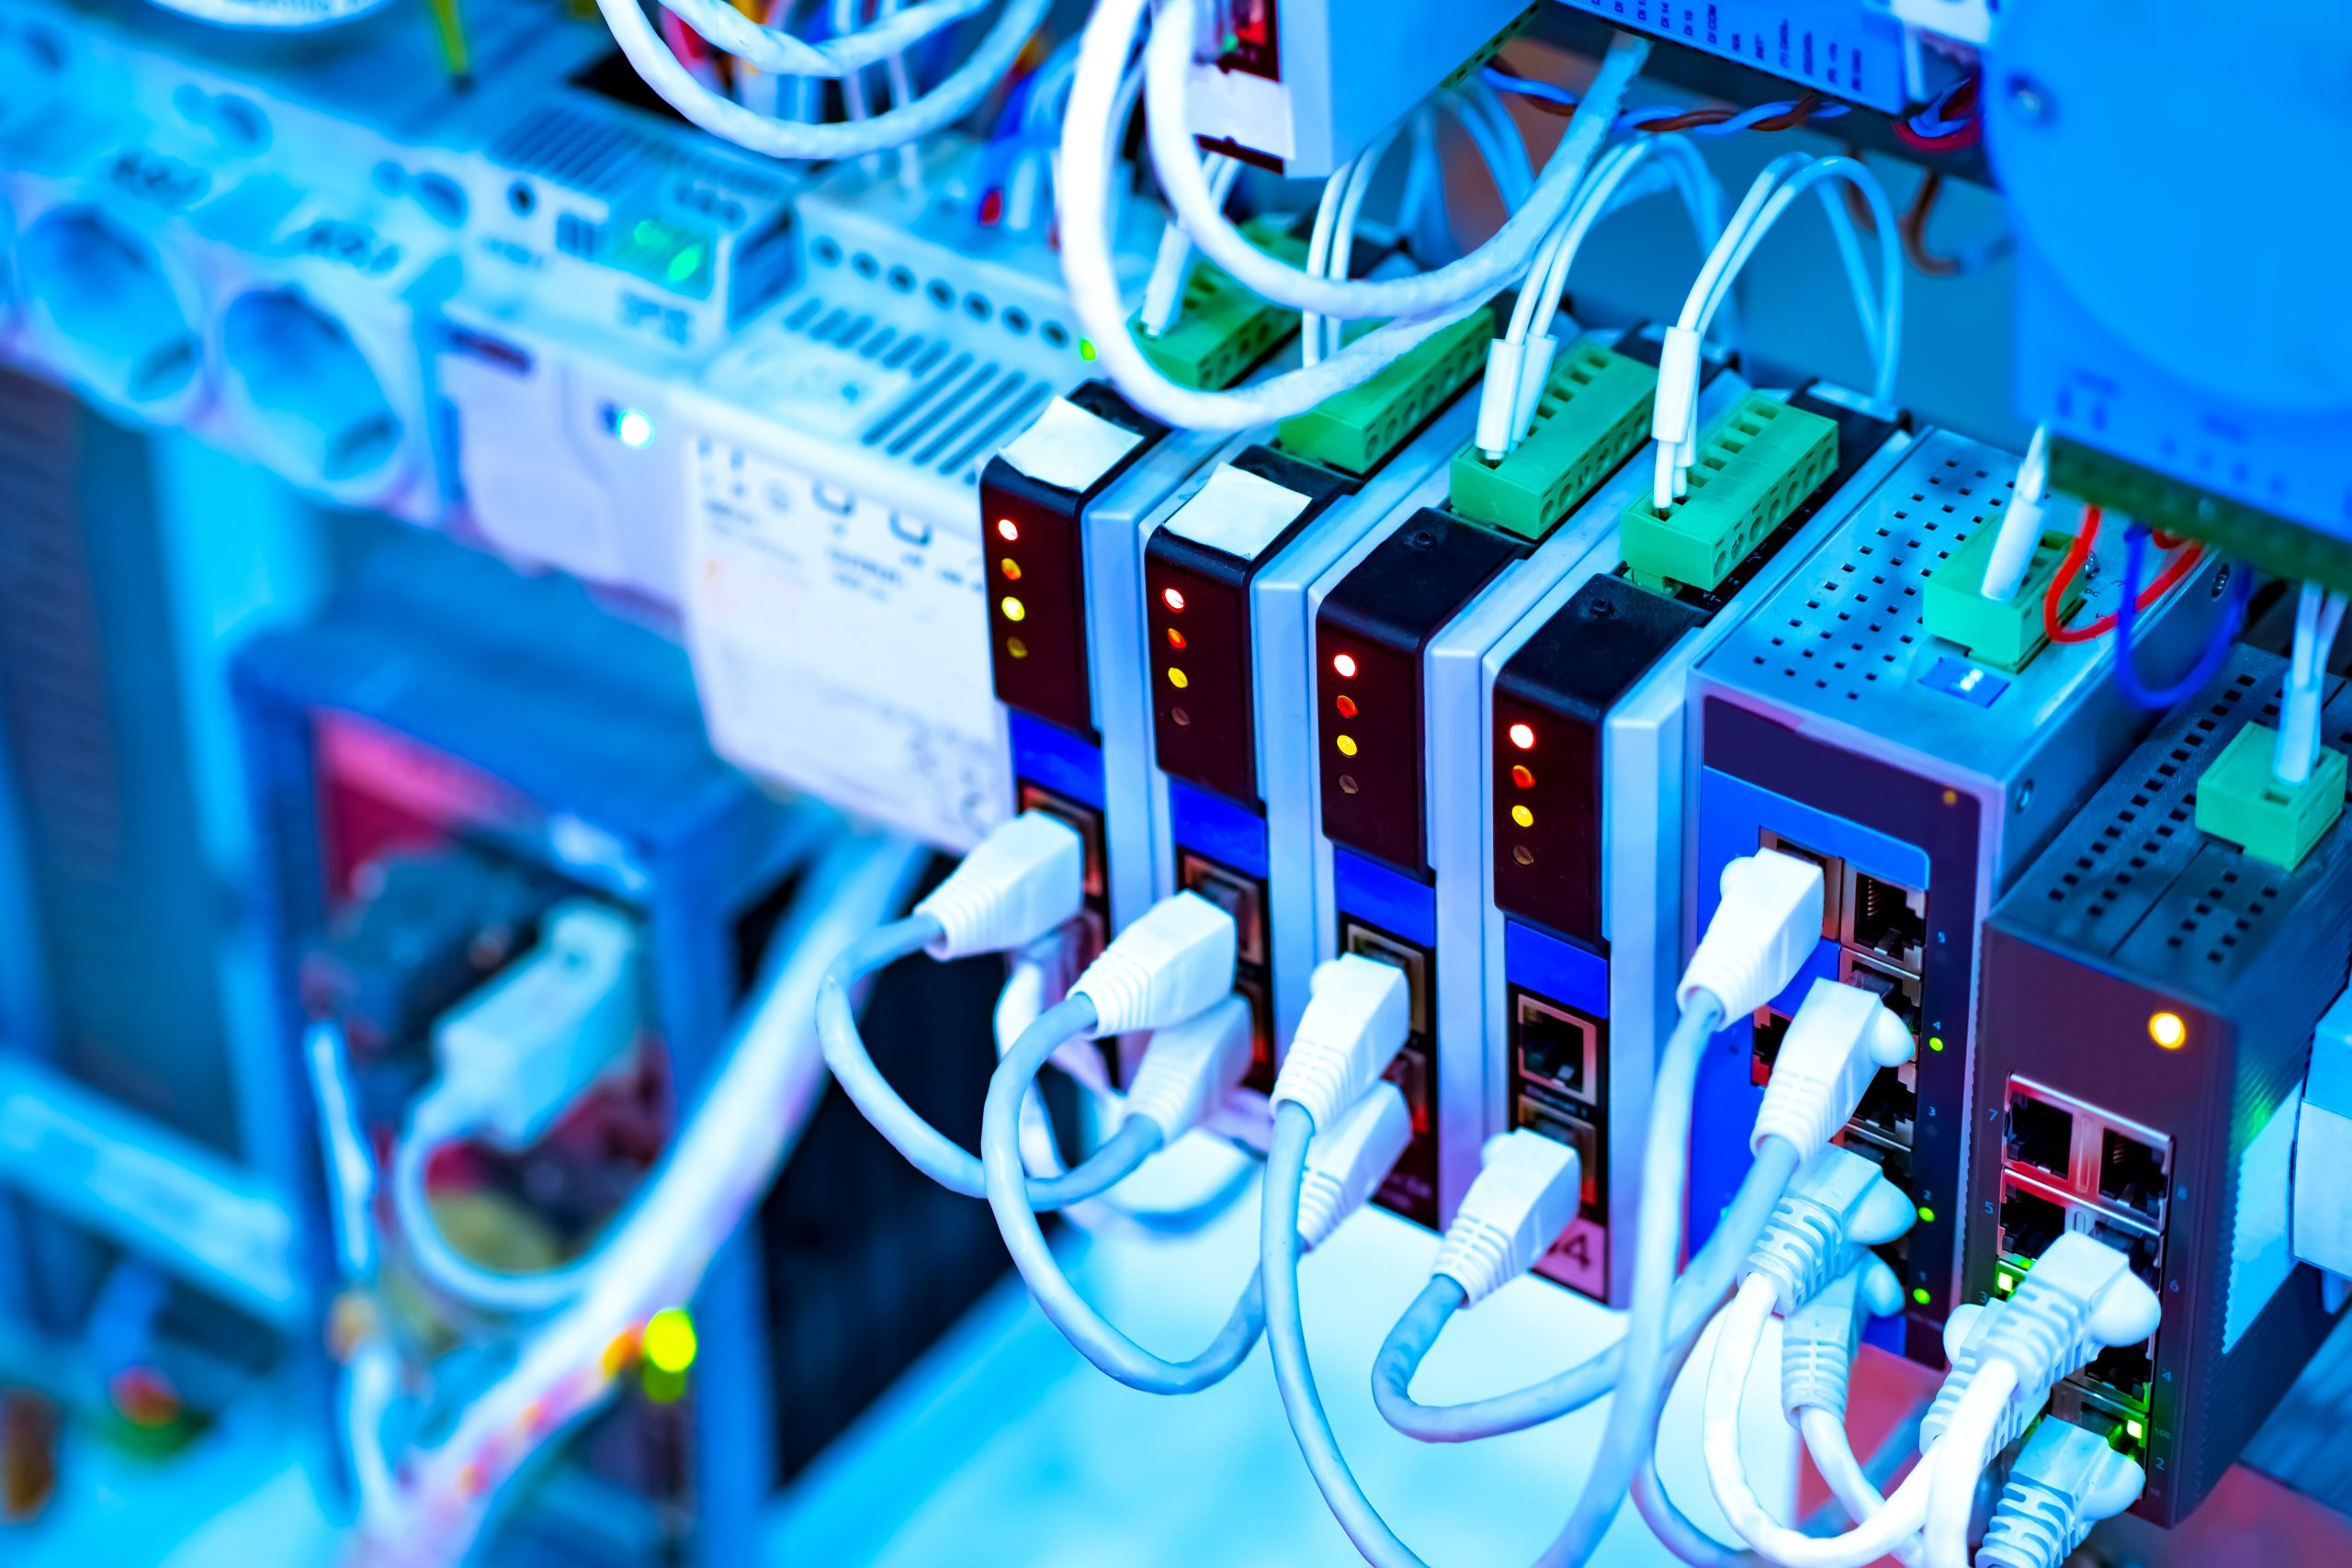 Bild: ©Grispb/stock.adobe.com